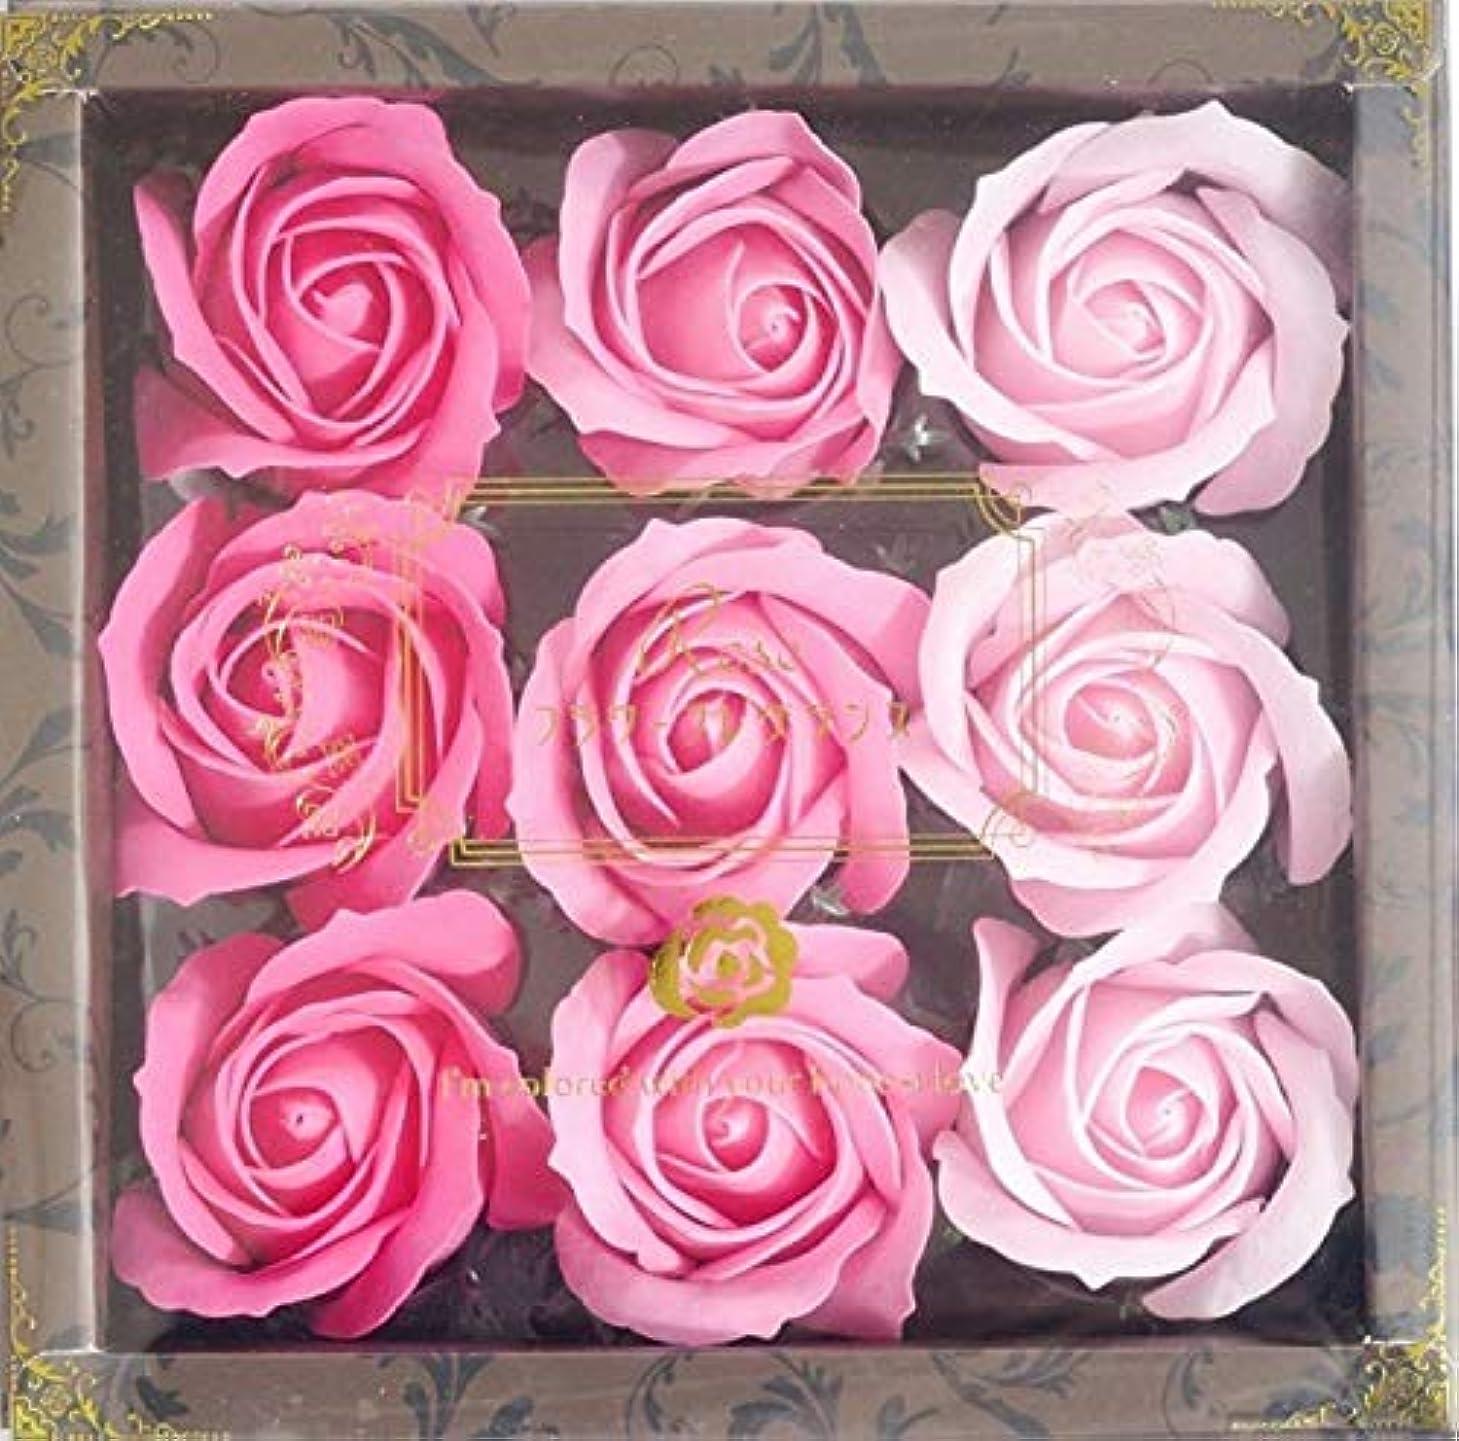 ボス他の場所ラブバスフレグランス バスフラワー ローズフレグランス ピンクカラー お花の形の入浴剤 プレゼント ばら ギフト